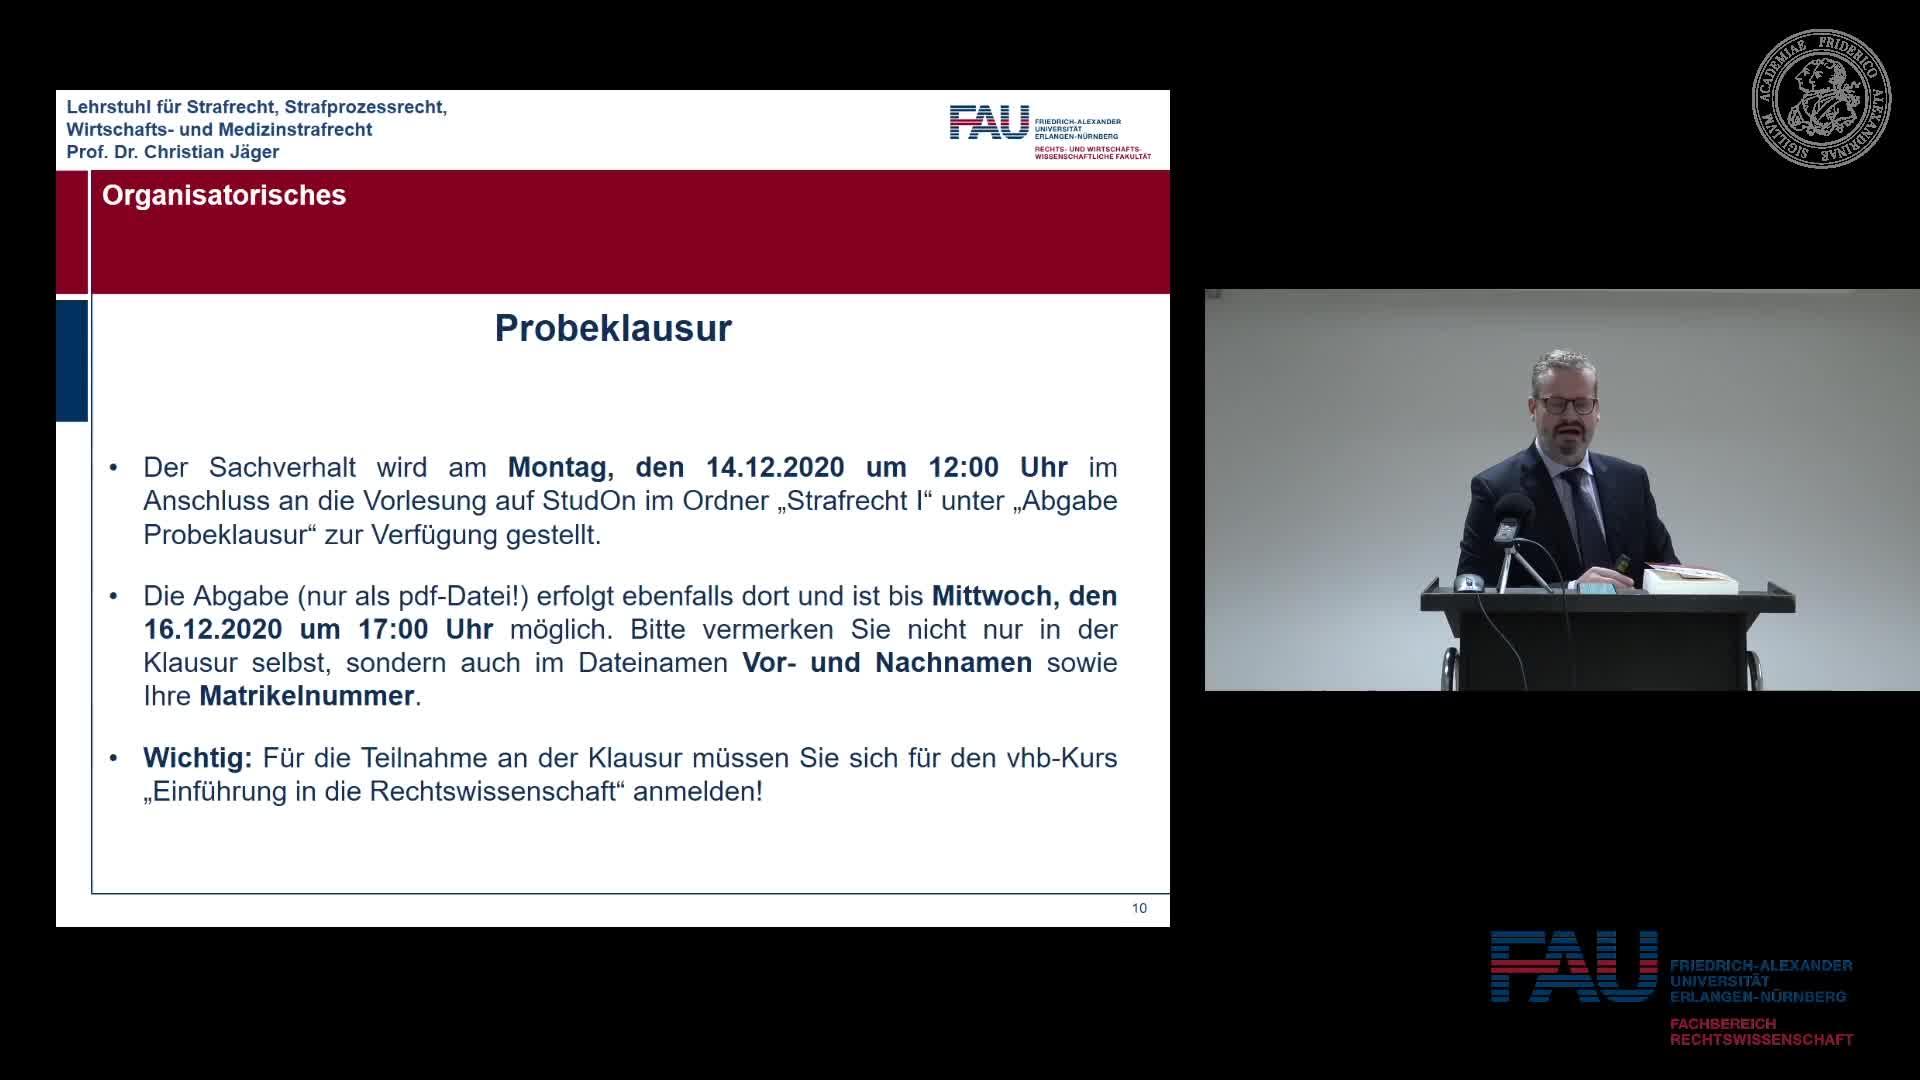 Grundkurs Strafrecht I - Einheit 11 preview image